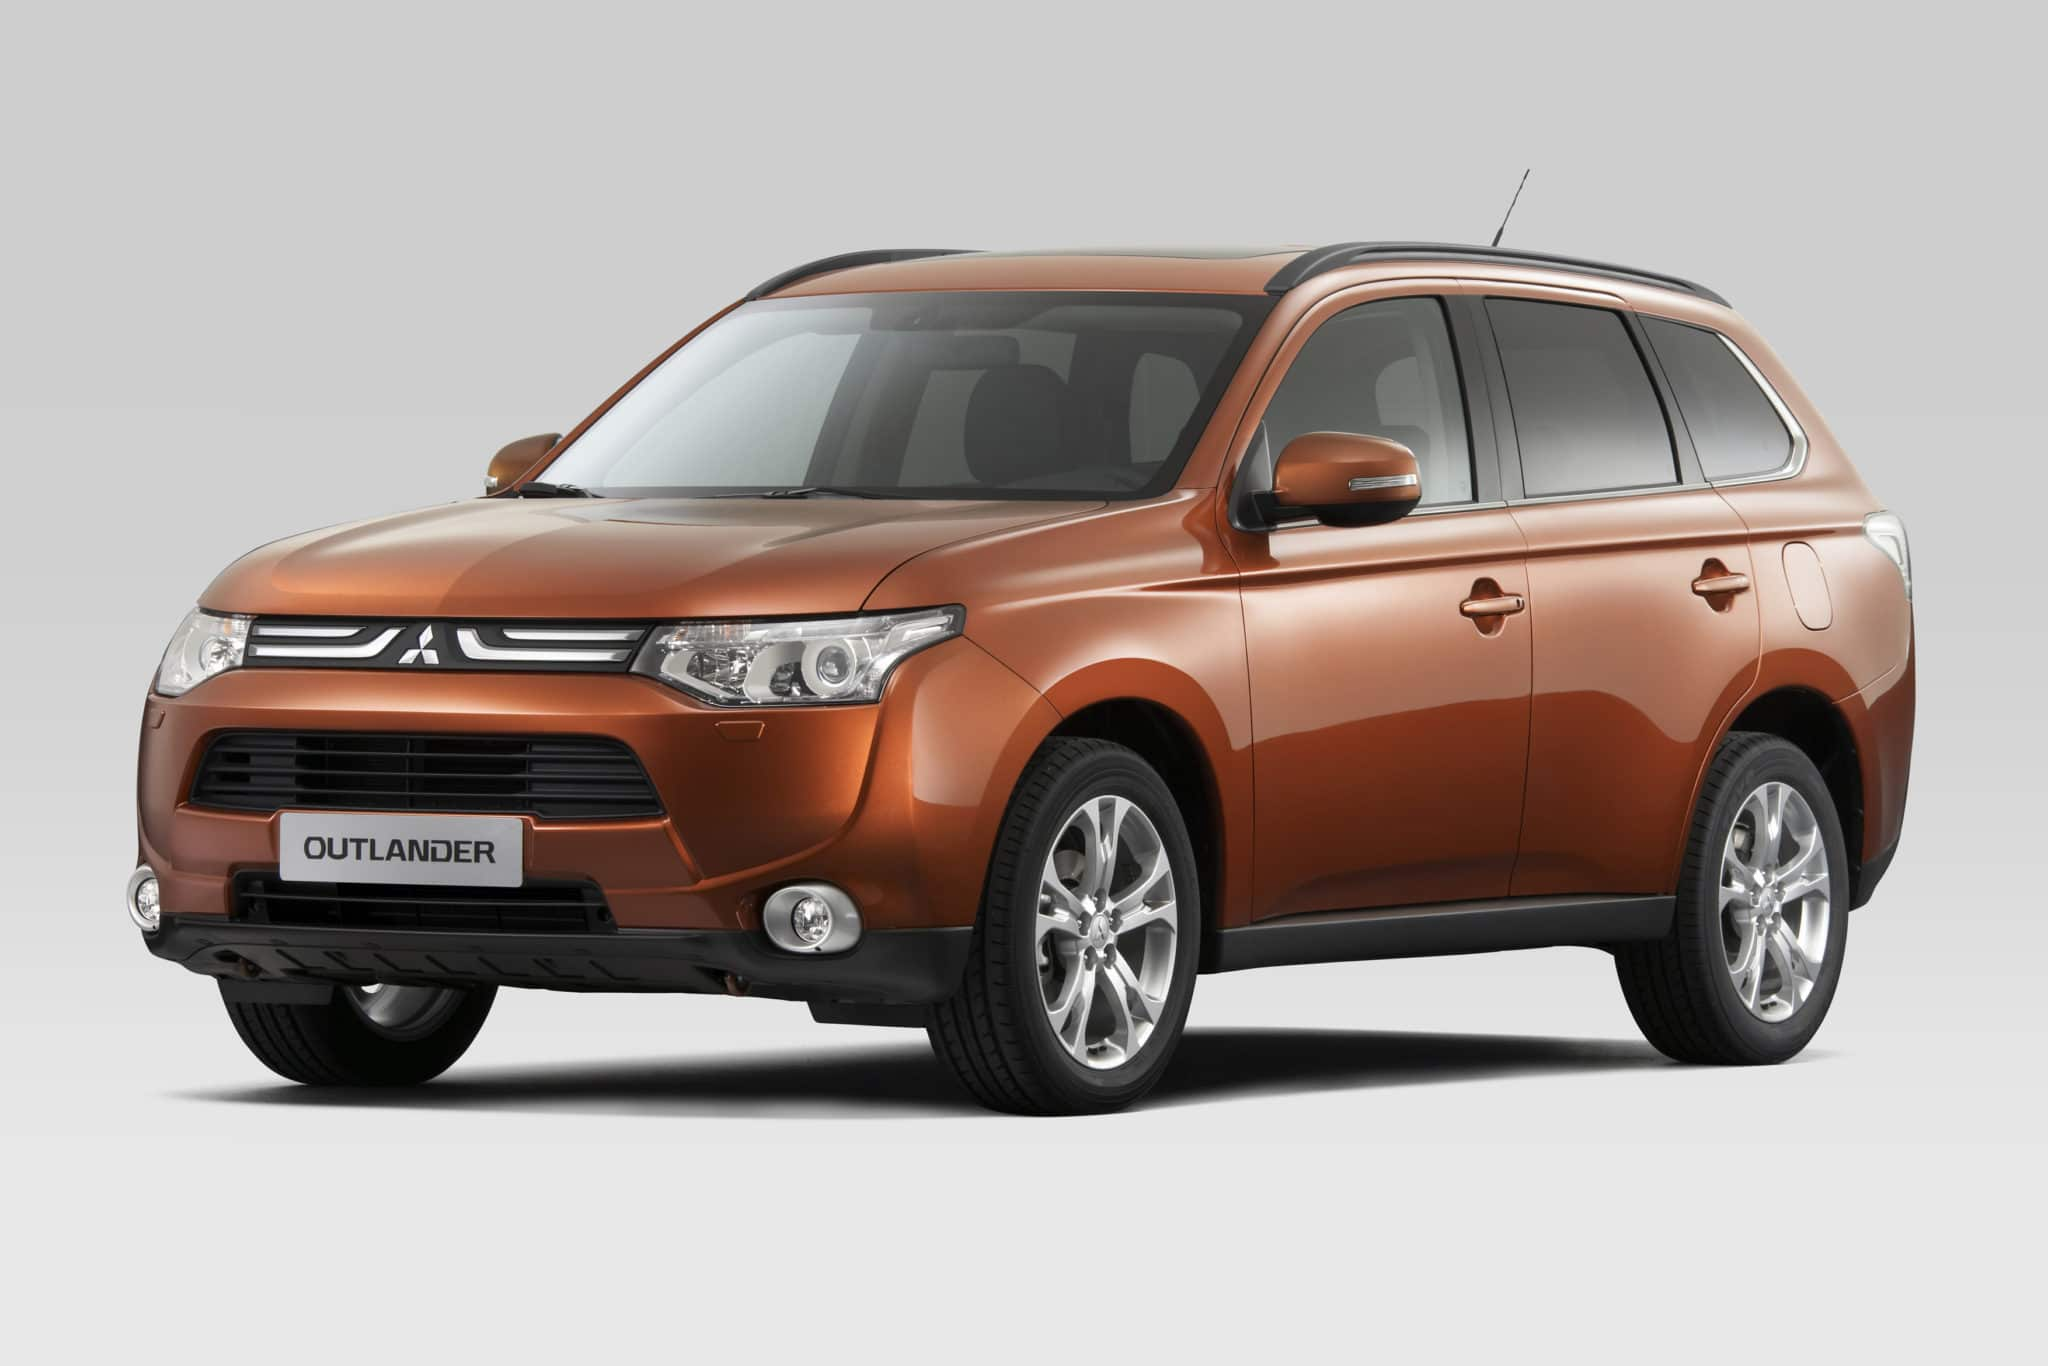 Nuovo Mitsubishi Outlander BI-FUEL benzina/gpl: ecco il nuovo listino prezzi